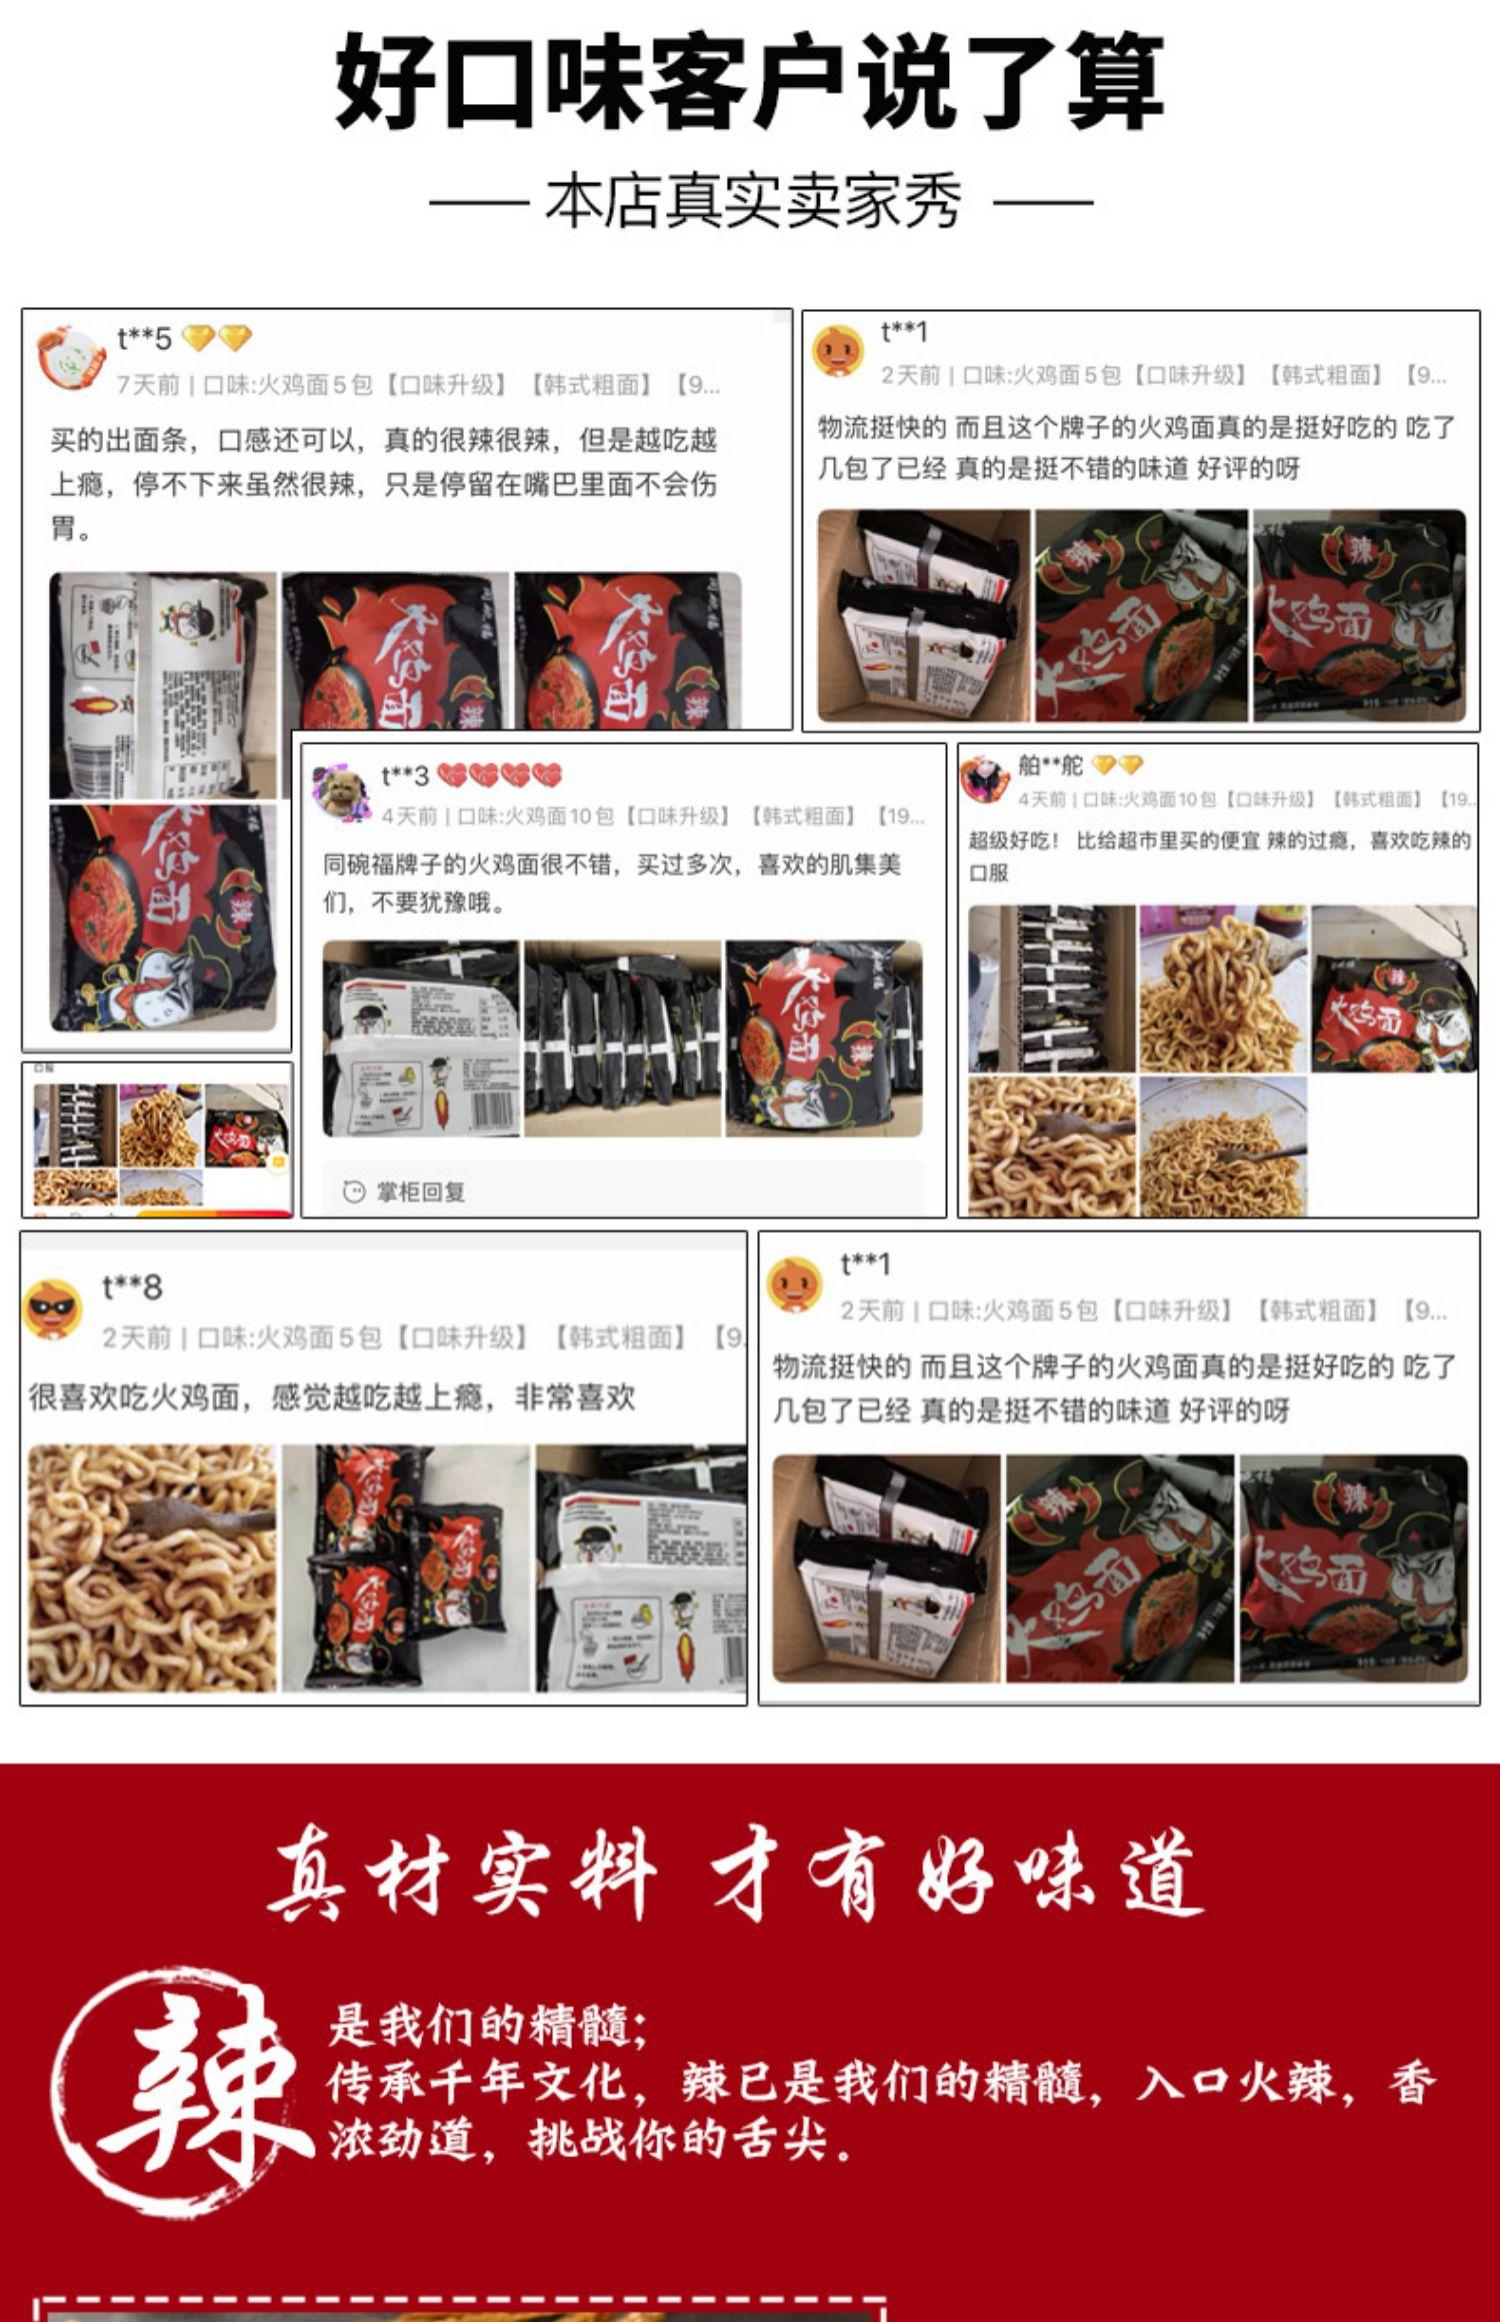 火鸡面5包韩式国产超辣变态辣网红泡面方便面整箱非韩国拌面酱料商品详情图